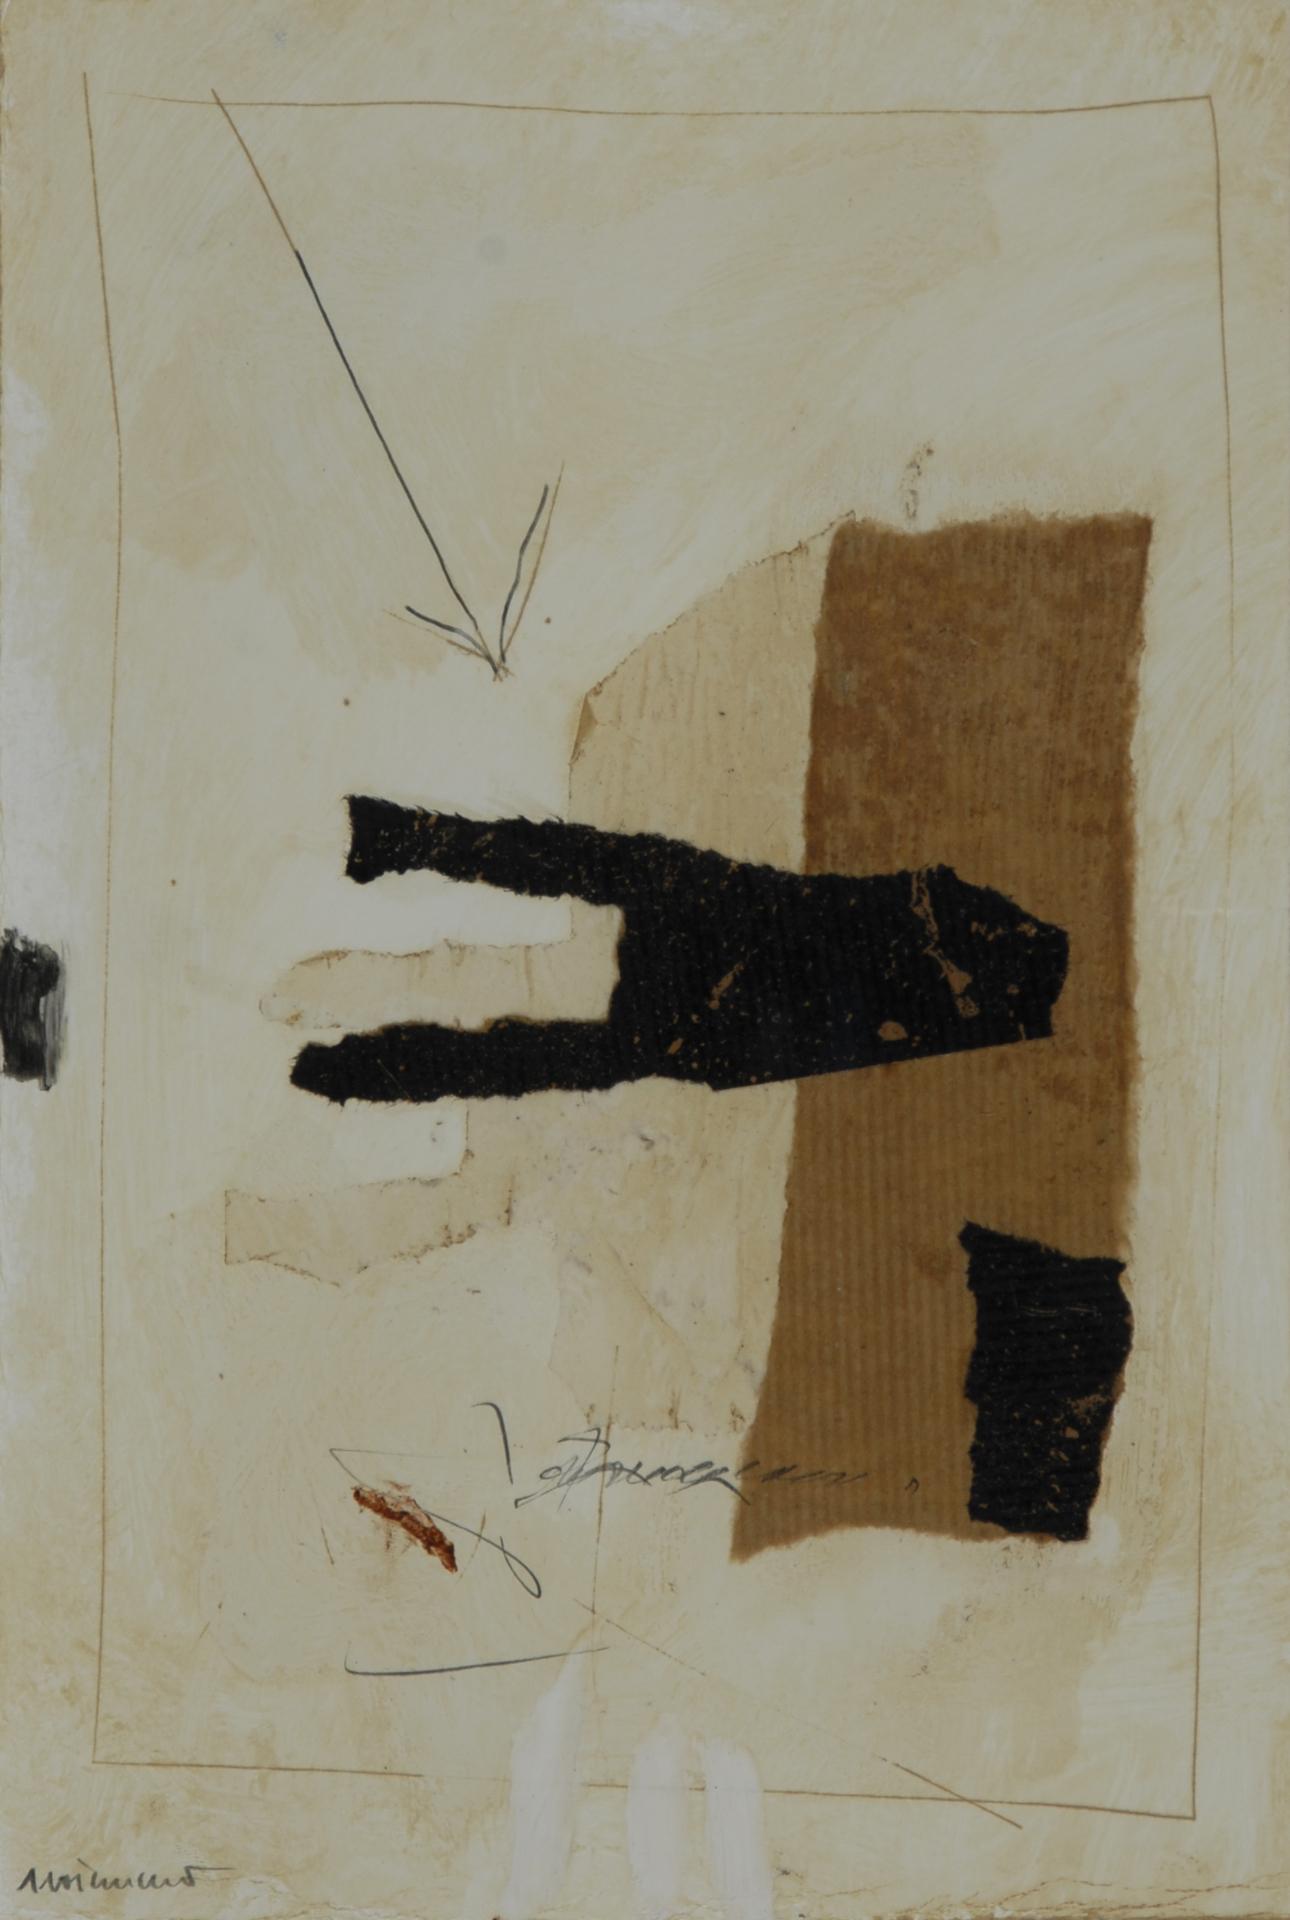 Coignard James, 2 sheets: Sans titre